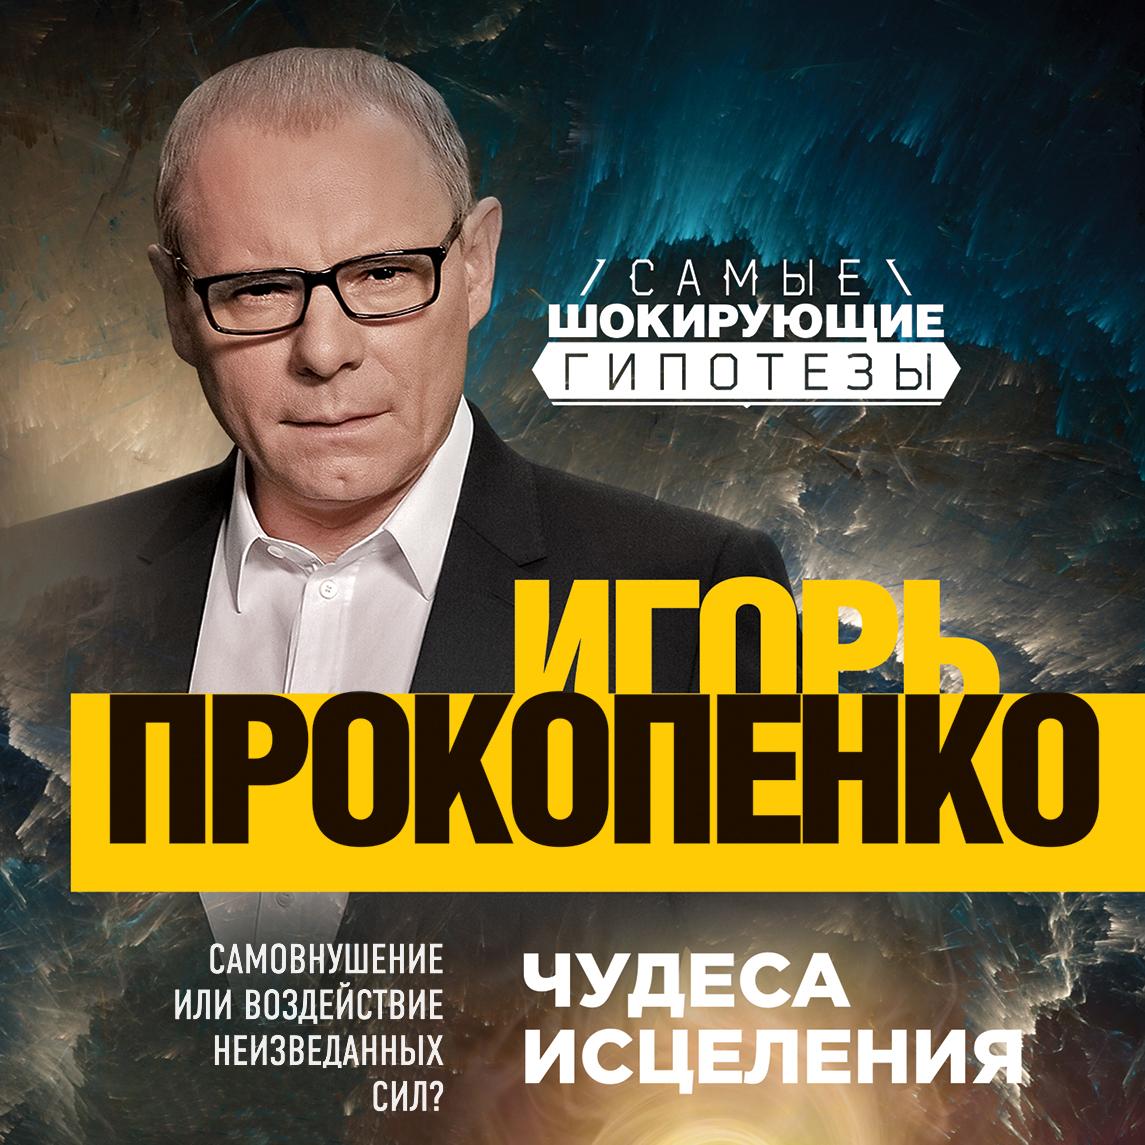 купить Игорь Прокопенко Чудеса исцеления по цене 299 рублей